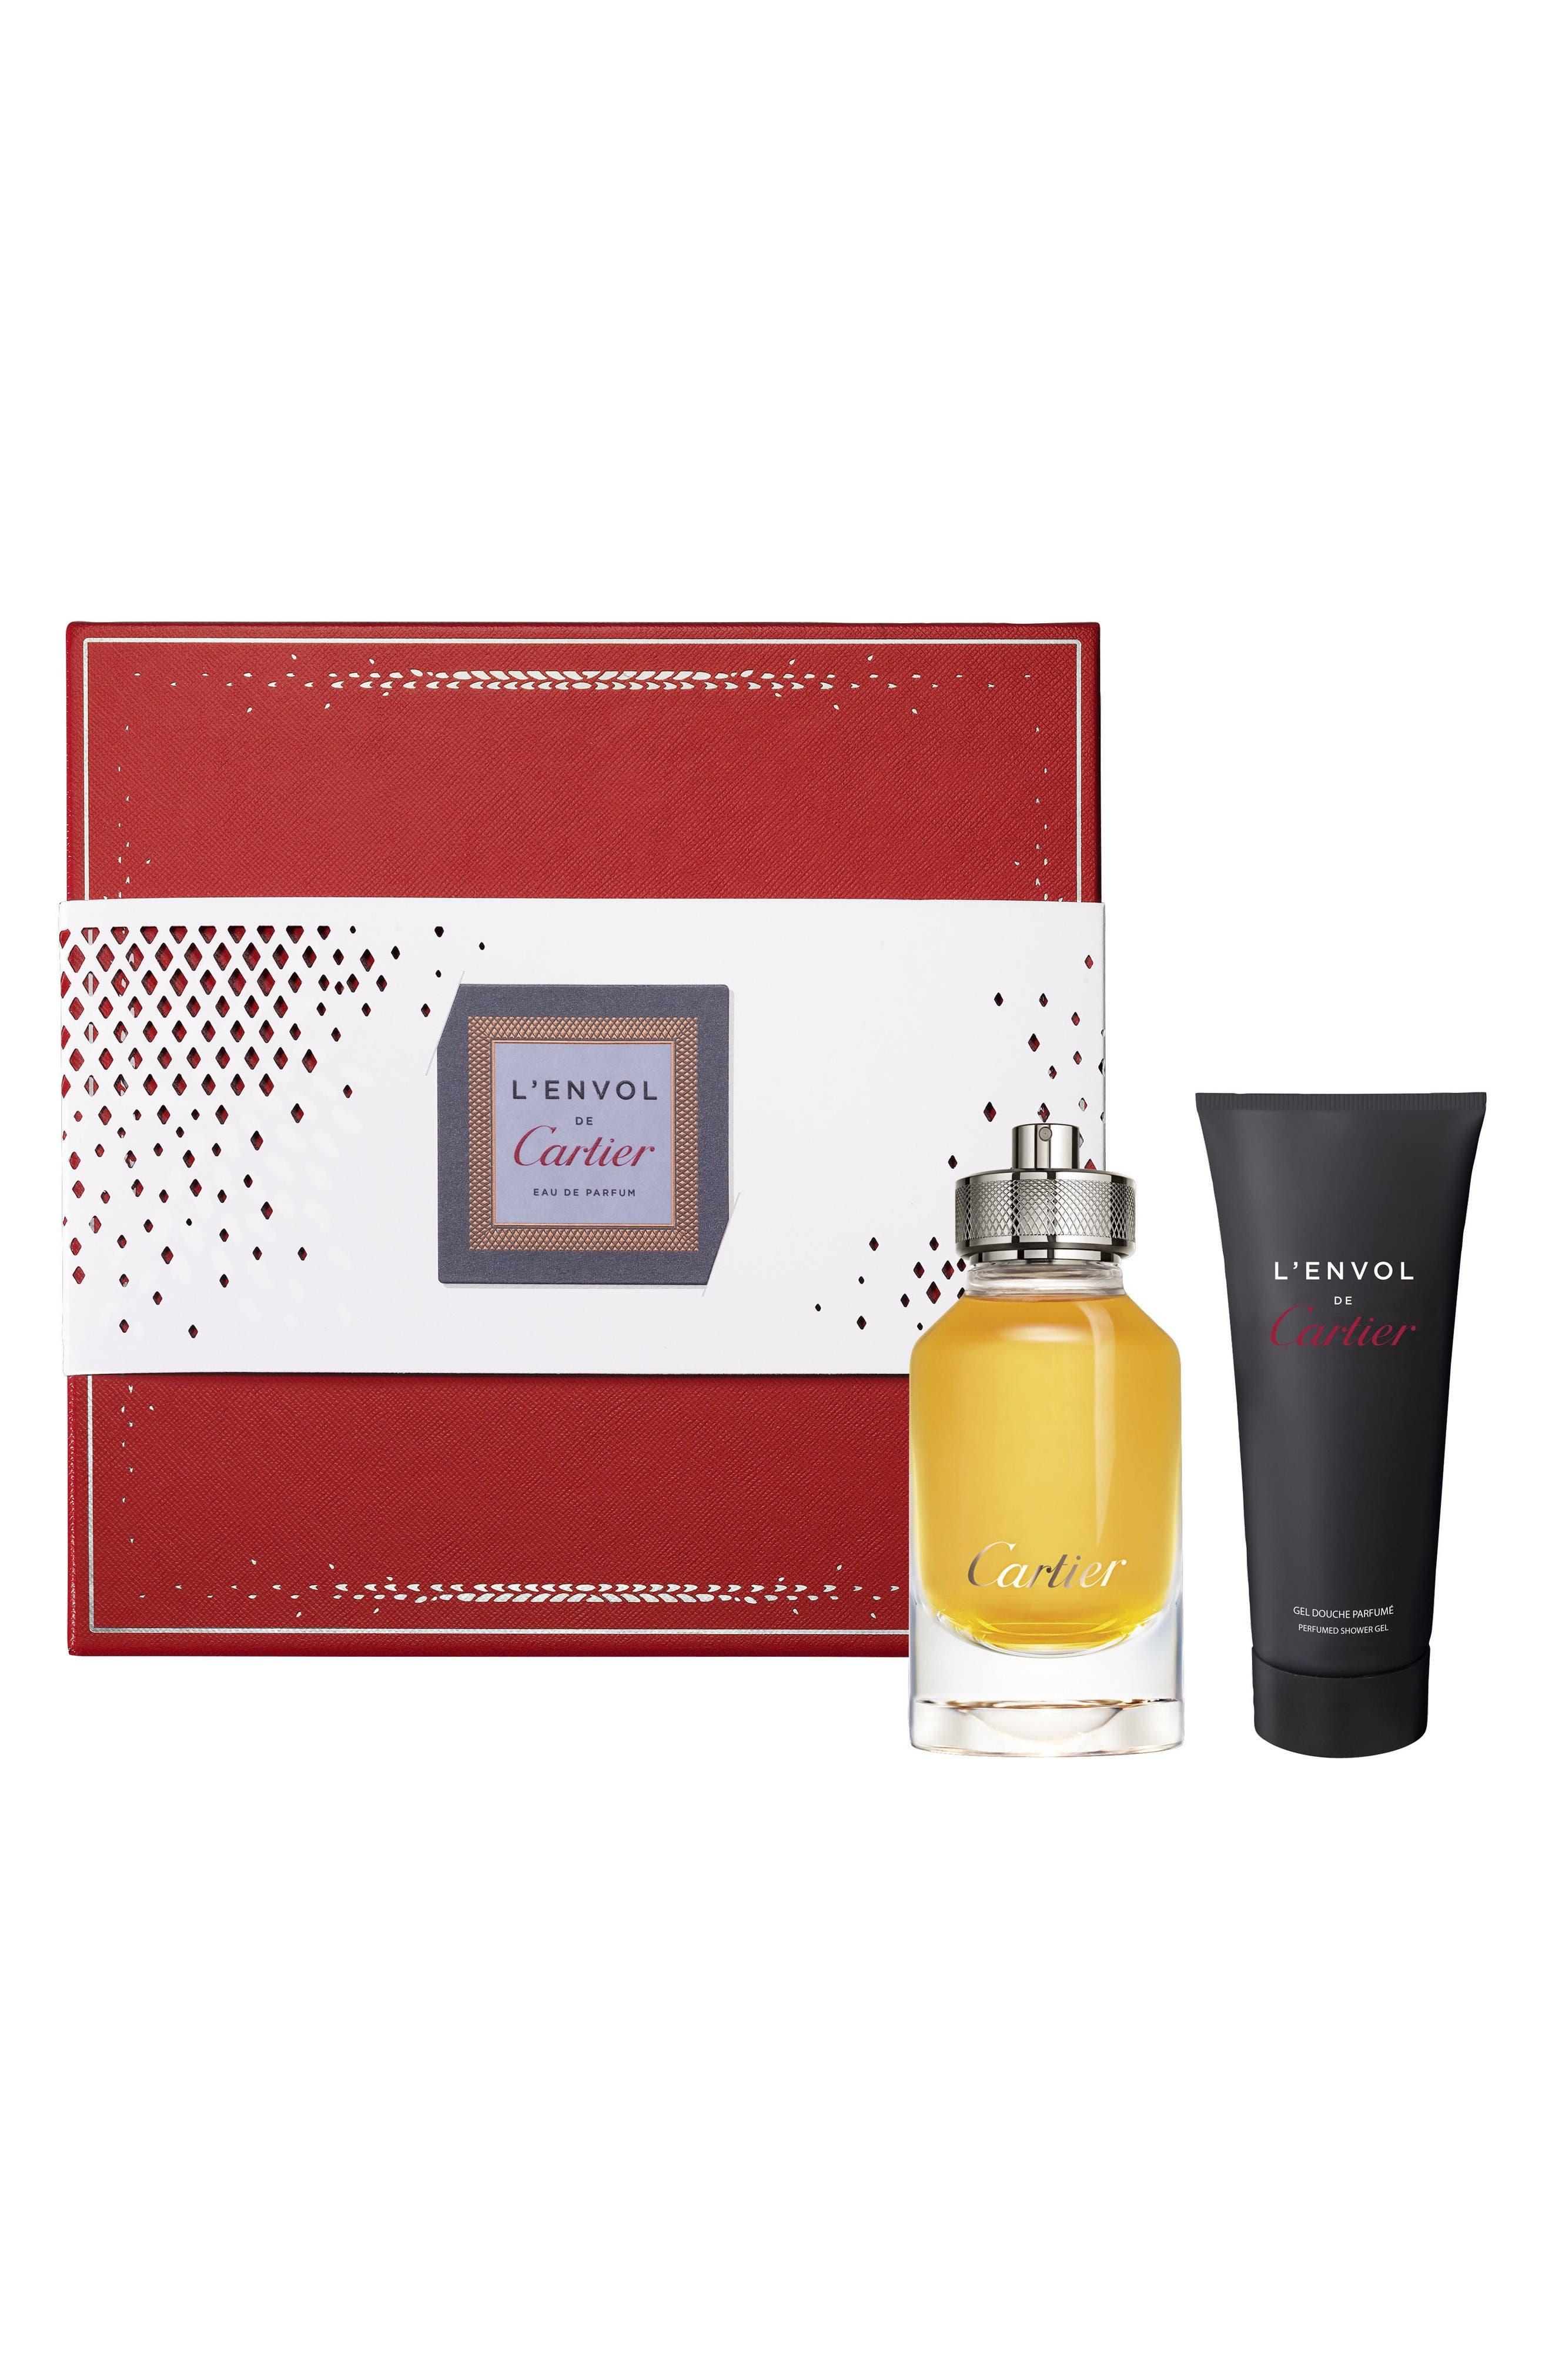 Main Image - Cartier L'Envol de Cartier Eau de Parfum Set